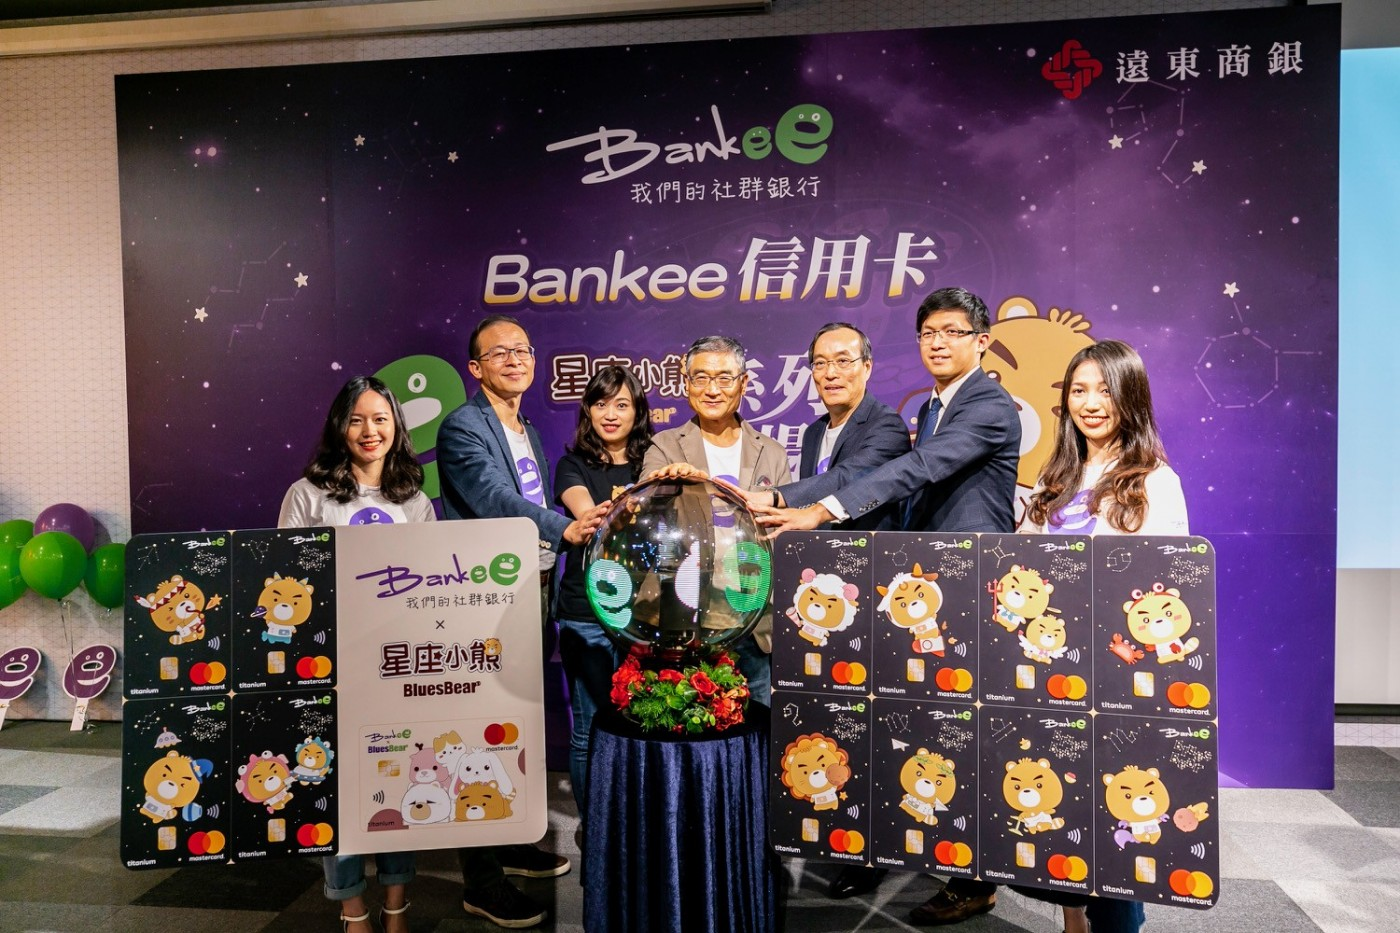 遠銀Bankee 推KOL信用卡 首發AR星座小熊系列